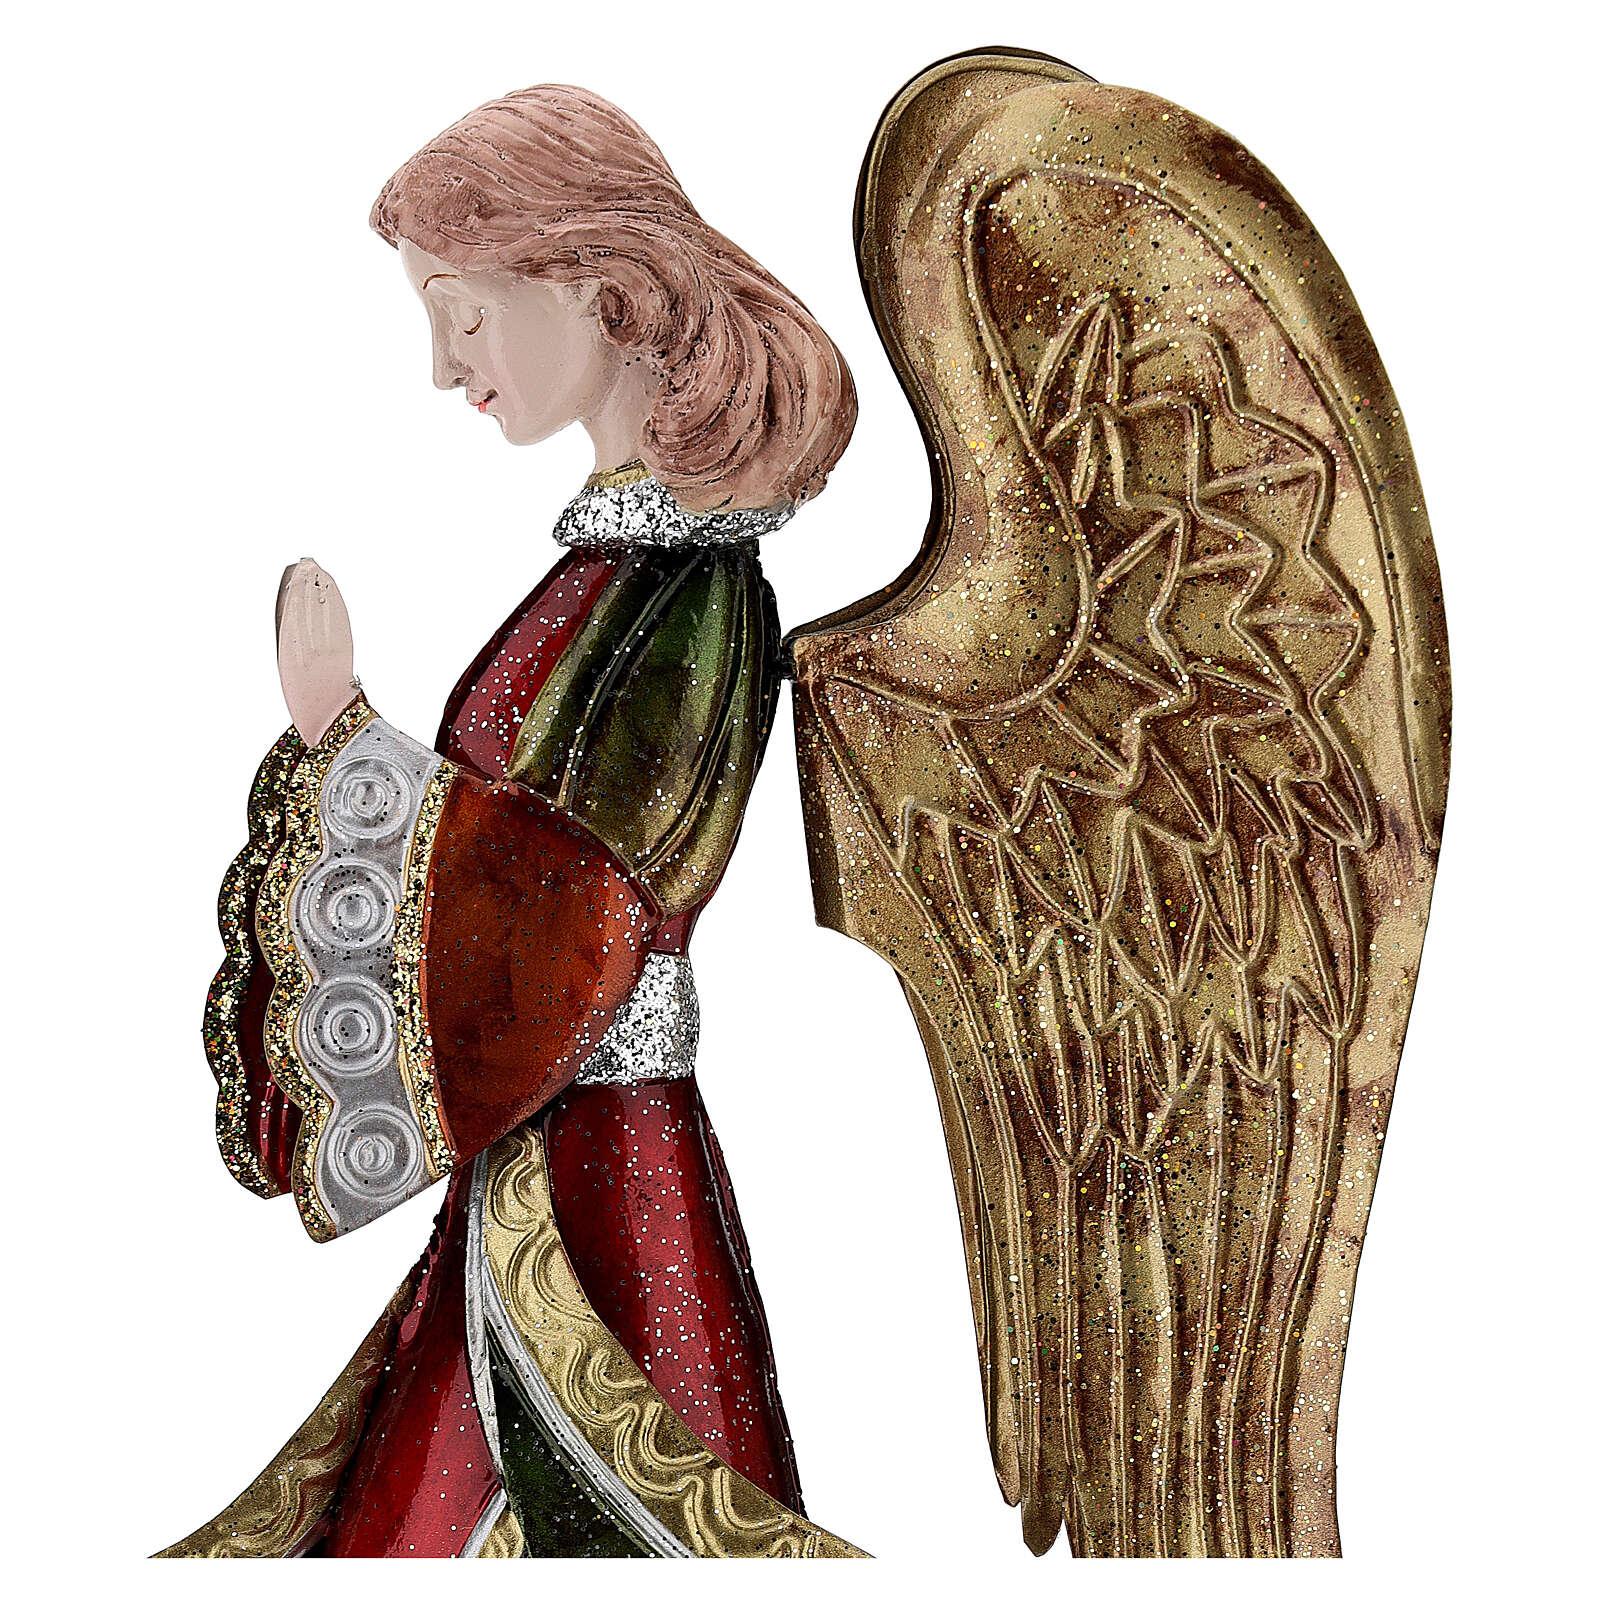 Anjo rezando figura metal 36 cm 4